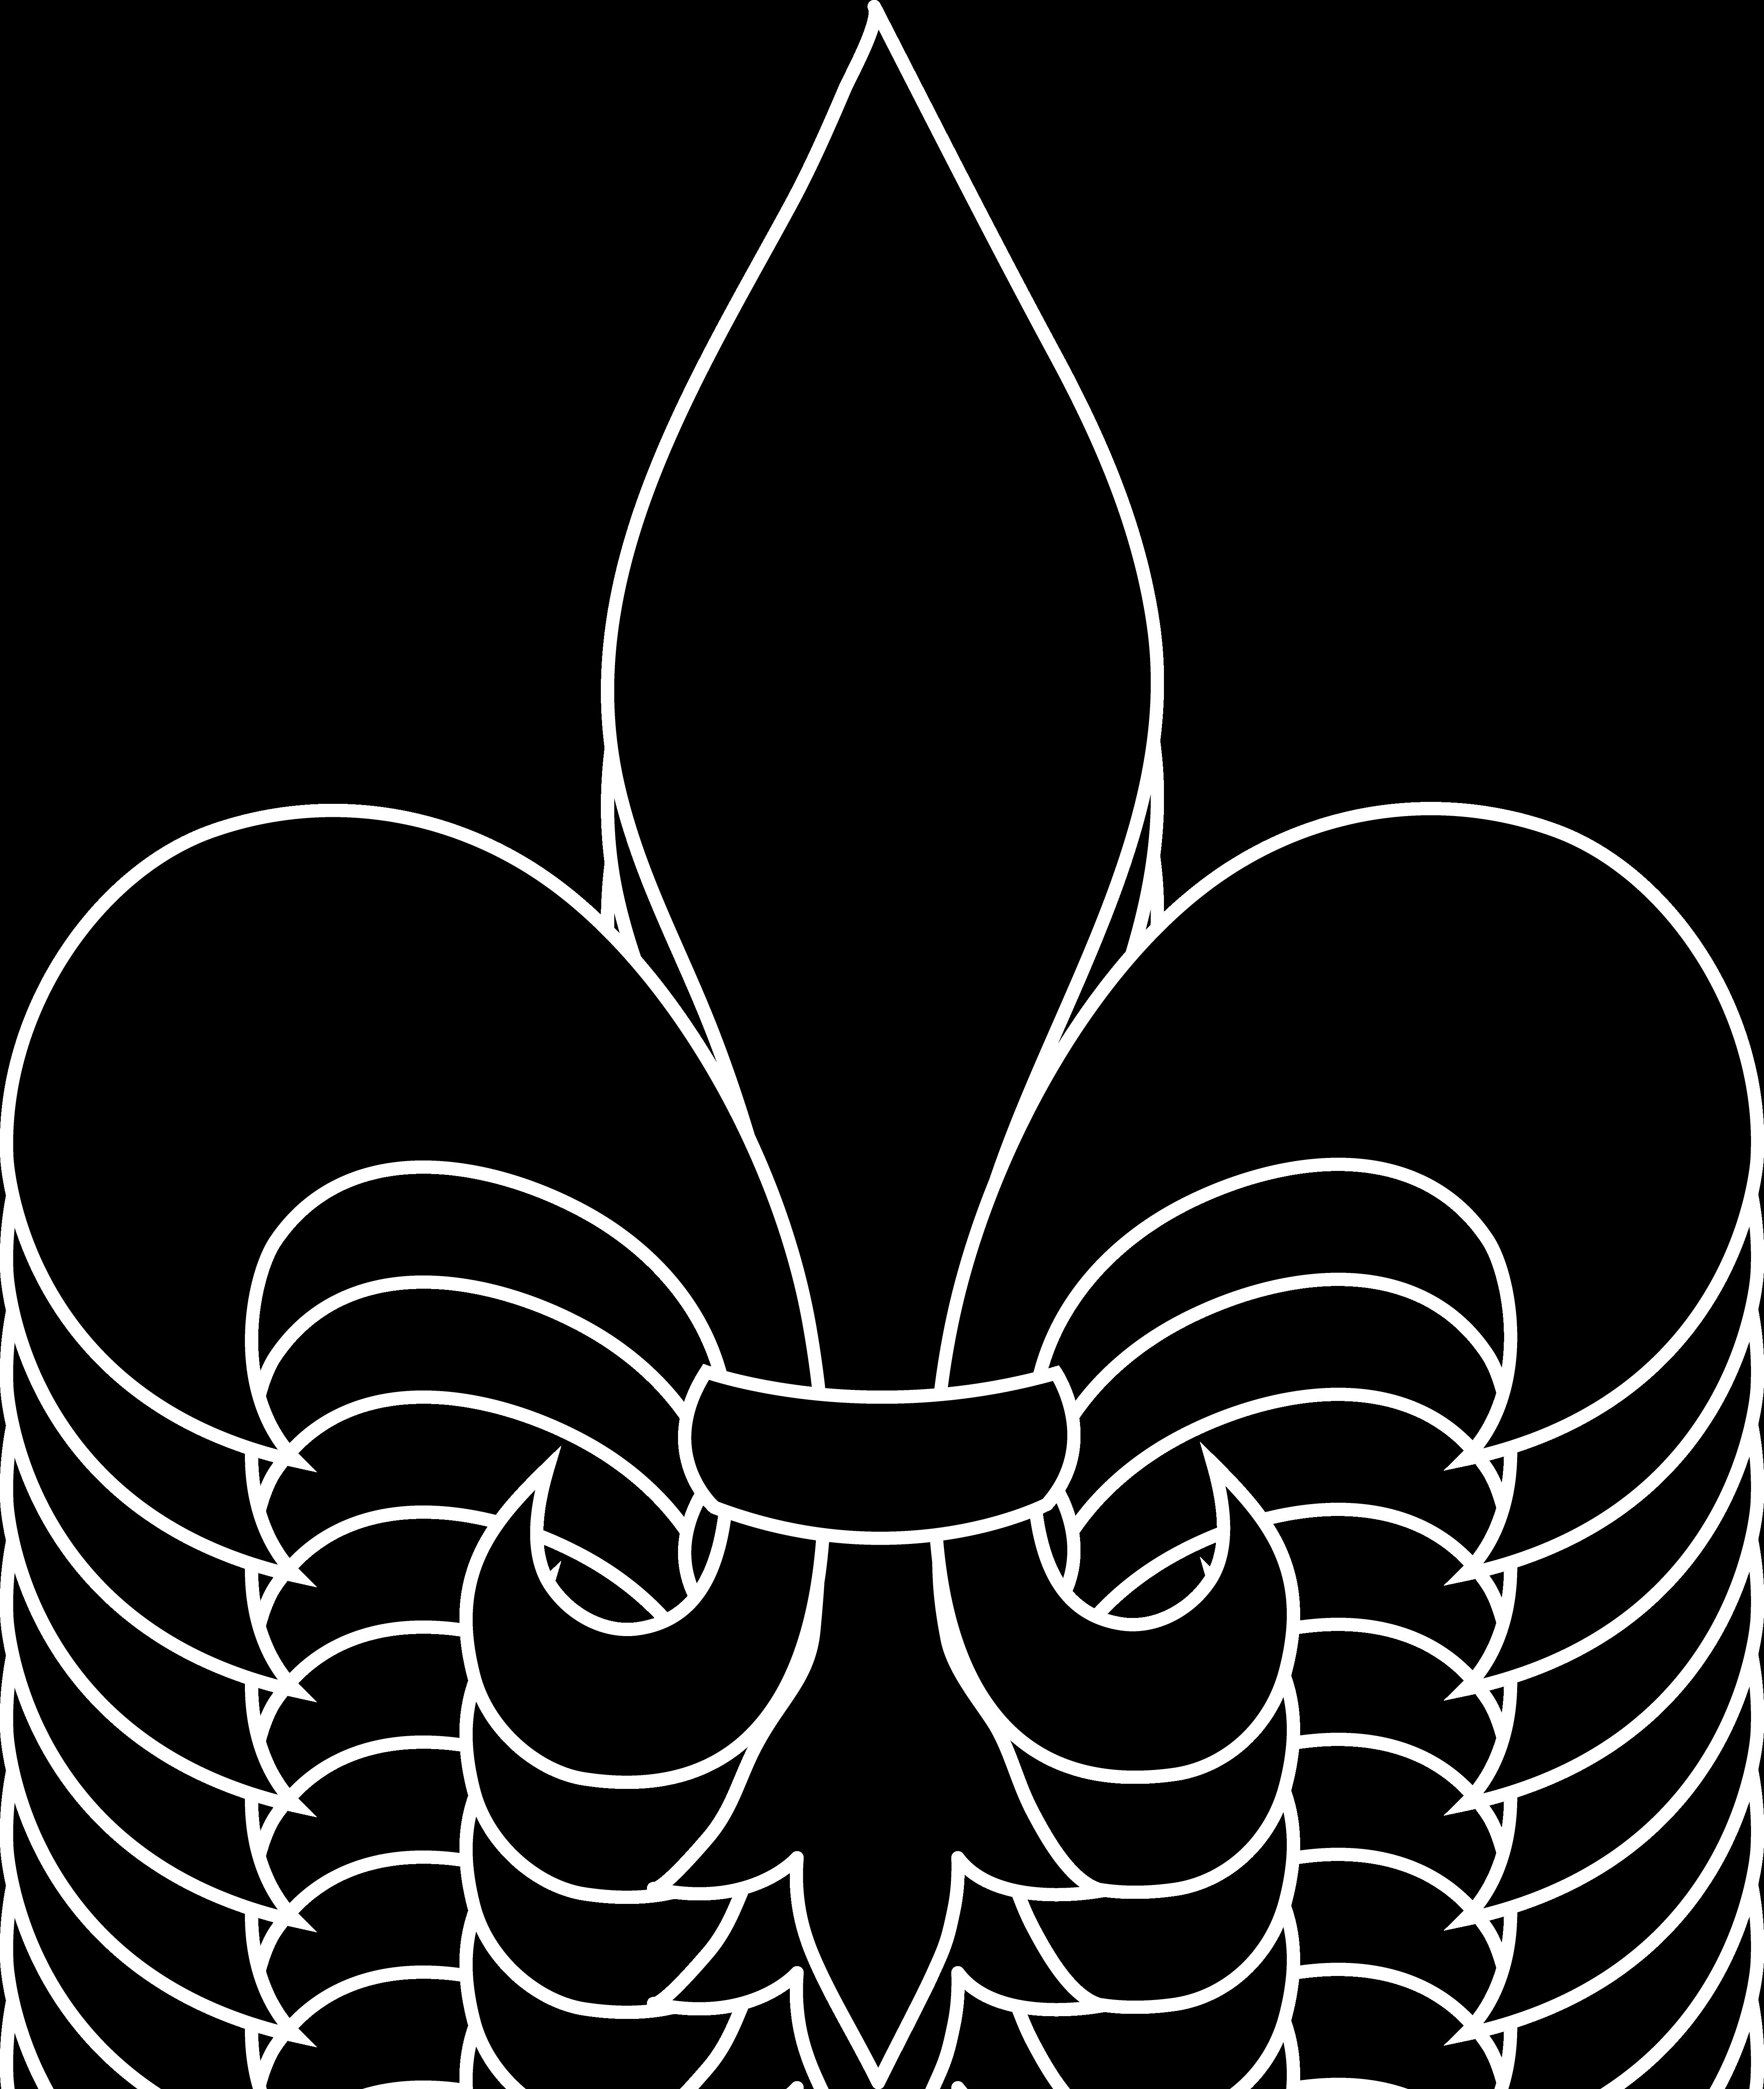 fleur de lis black silhouette clip art sweet clip art rh m sweetclipart com fleur de lis clipart free fleur de lys clipart